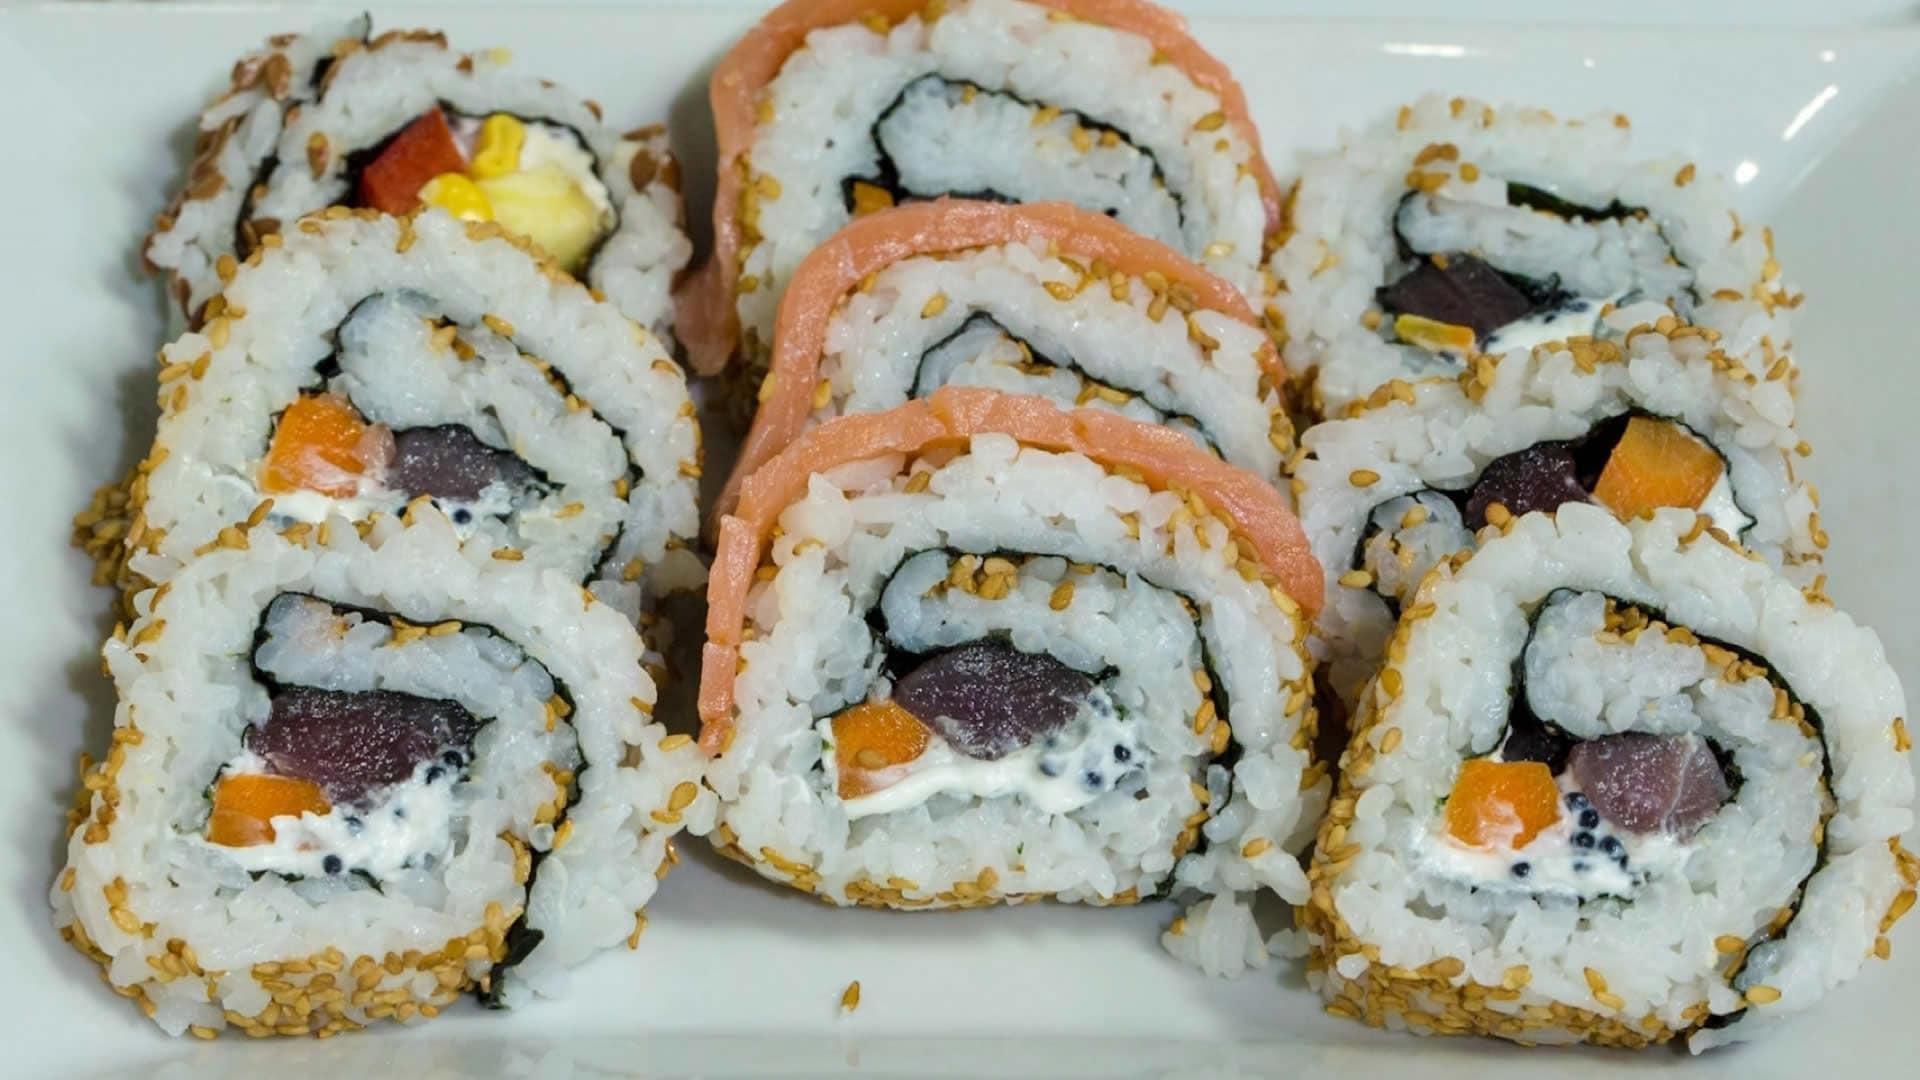 Uramaki Ricetta Facile.Uramaki Sushi O California Roll